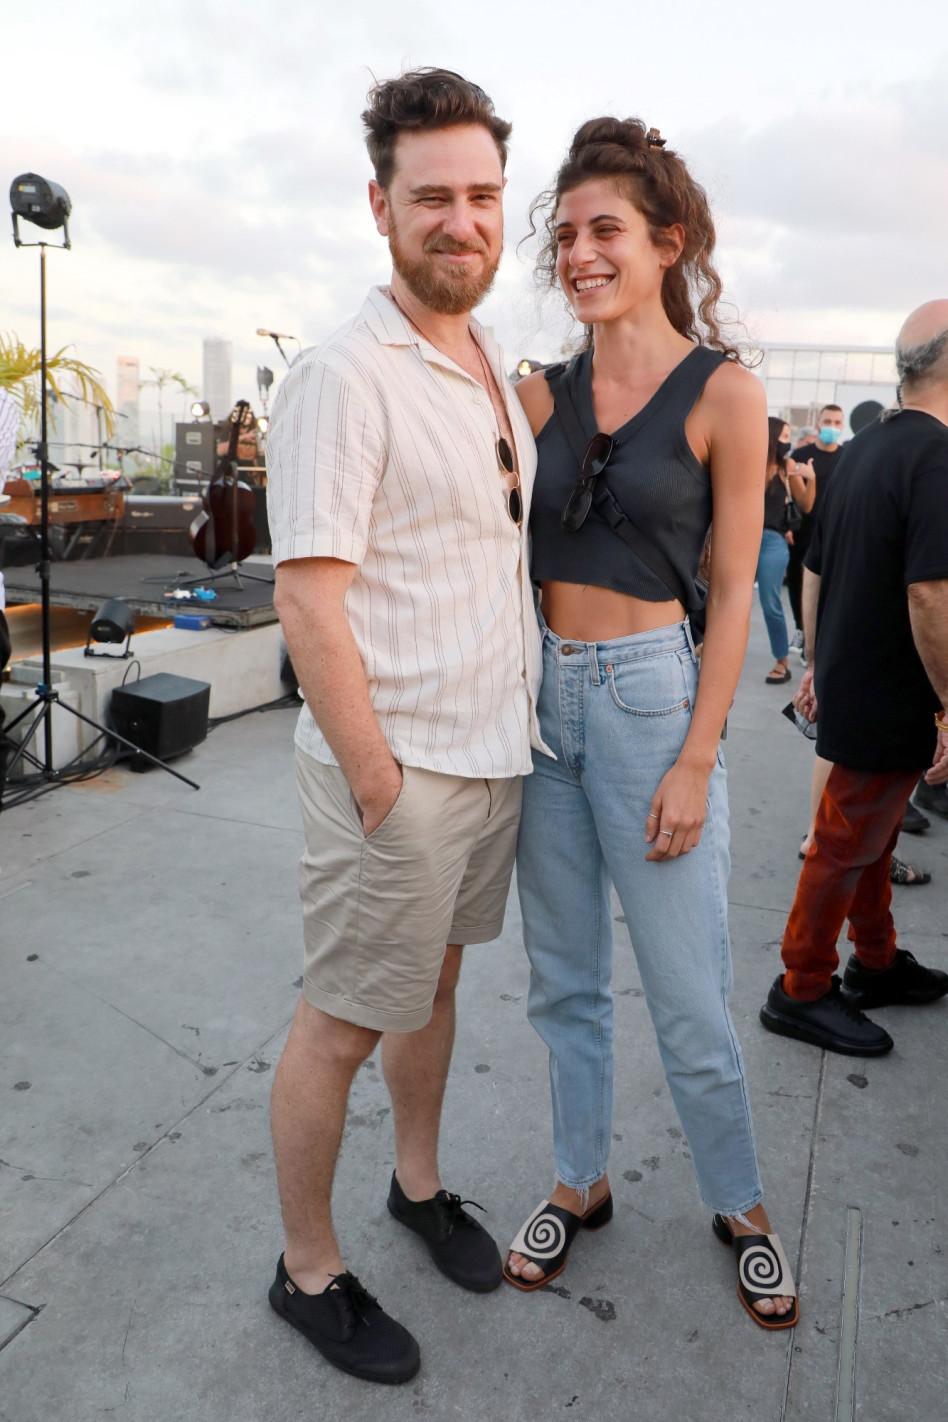 אריק ברמן וזוגתו (צילום: דנה קופל)